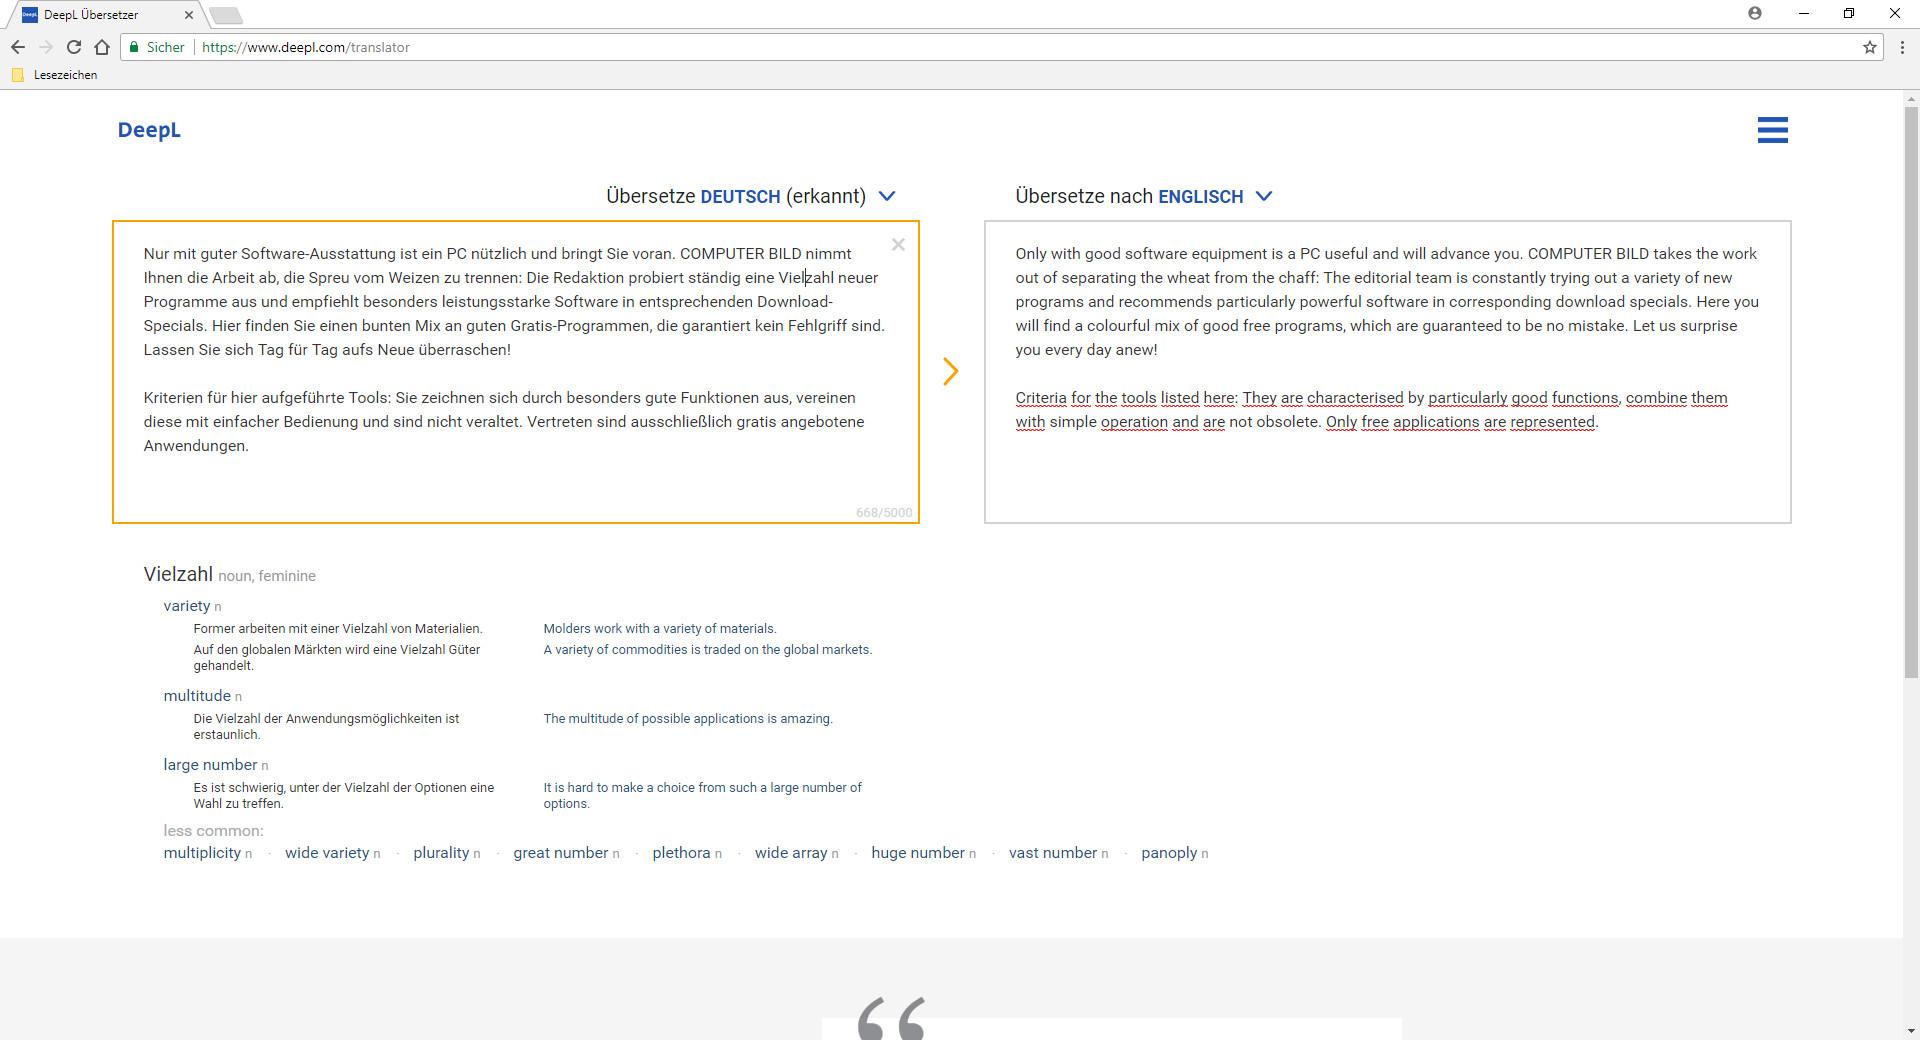 Screenshot 1 - DeepL Online-Übersetzer